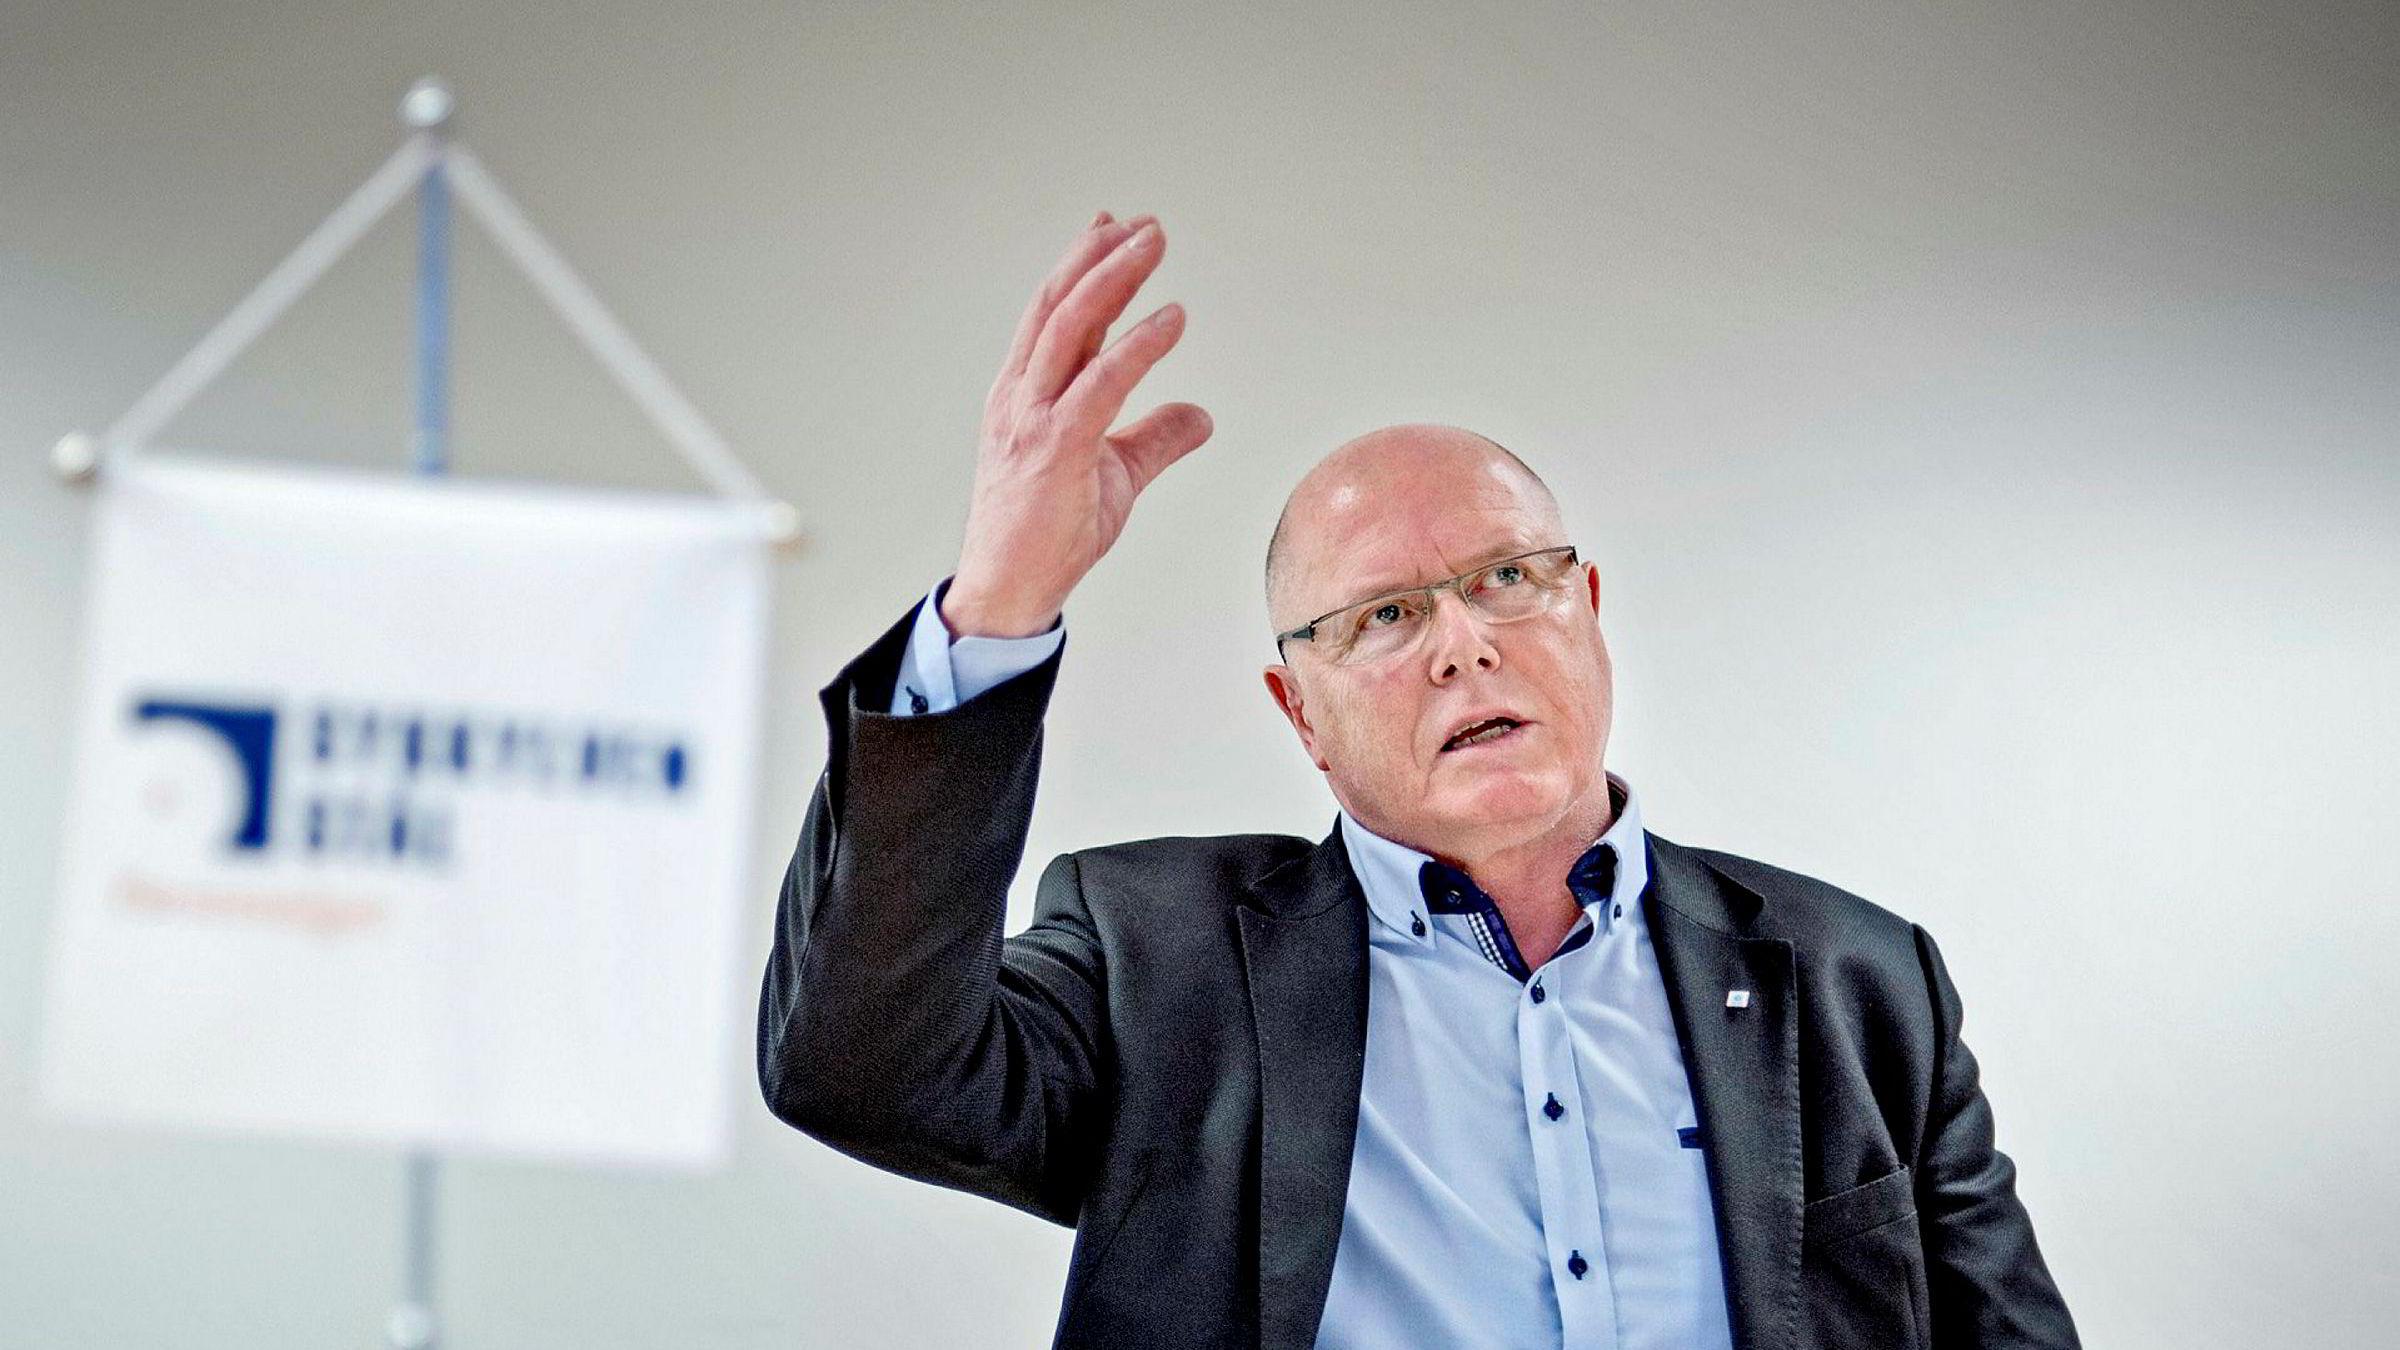 – Det er et paradoks at endringer for privat sektor ofte kommer gradvis. I offentlig sektor skjer ting gjerne over natten, sier Karl-Inge Rekdal, leder for NHOs utvalg for små og mellomstore bedrifter.